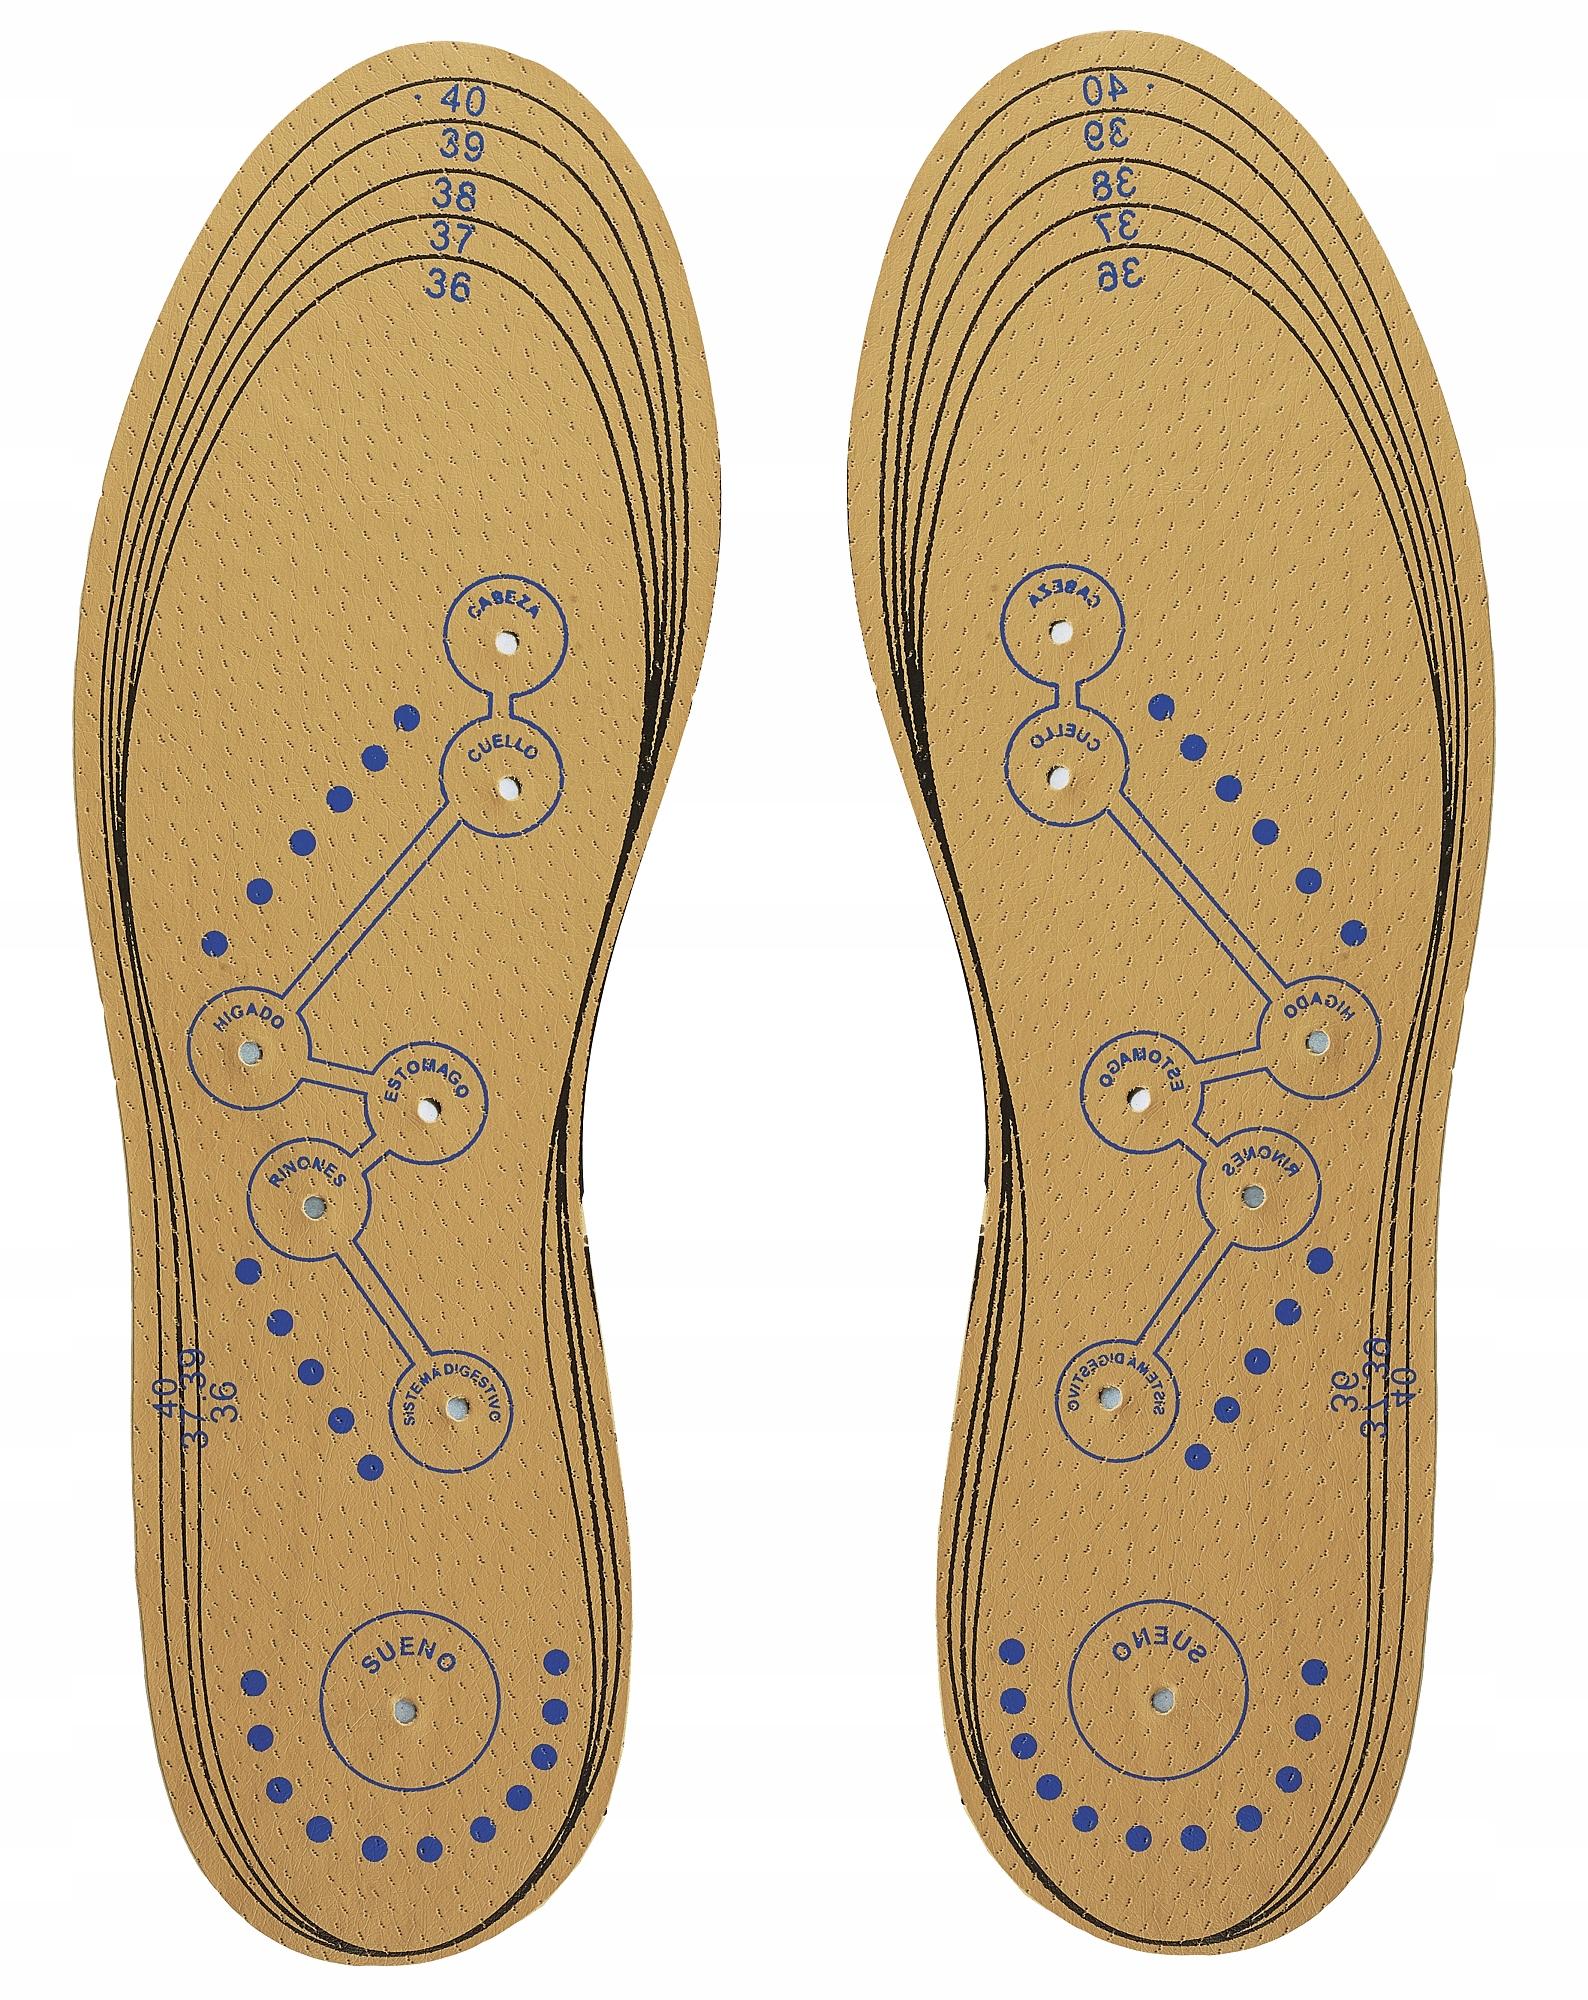 Wkładki do butów żelowe na ostrogi - Niska cena na sunela.eu